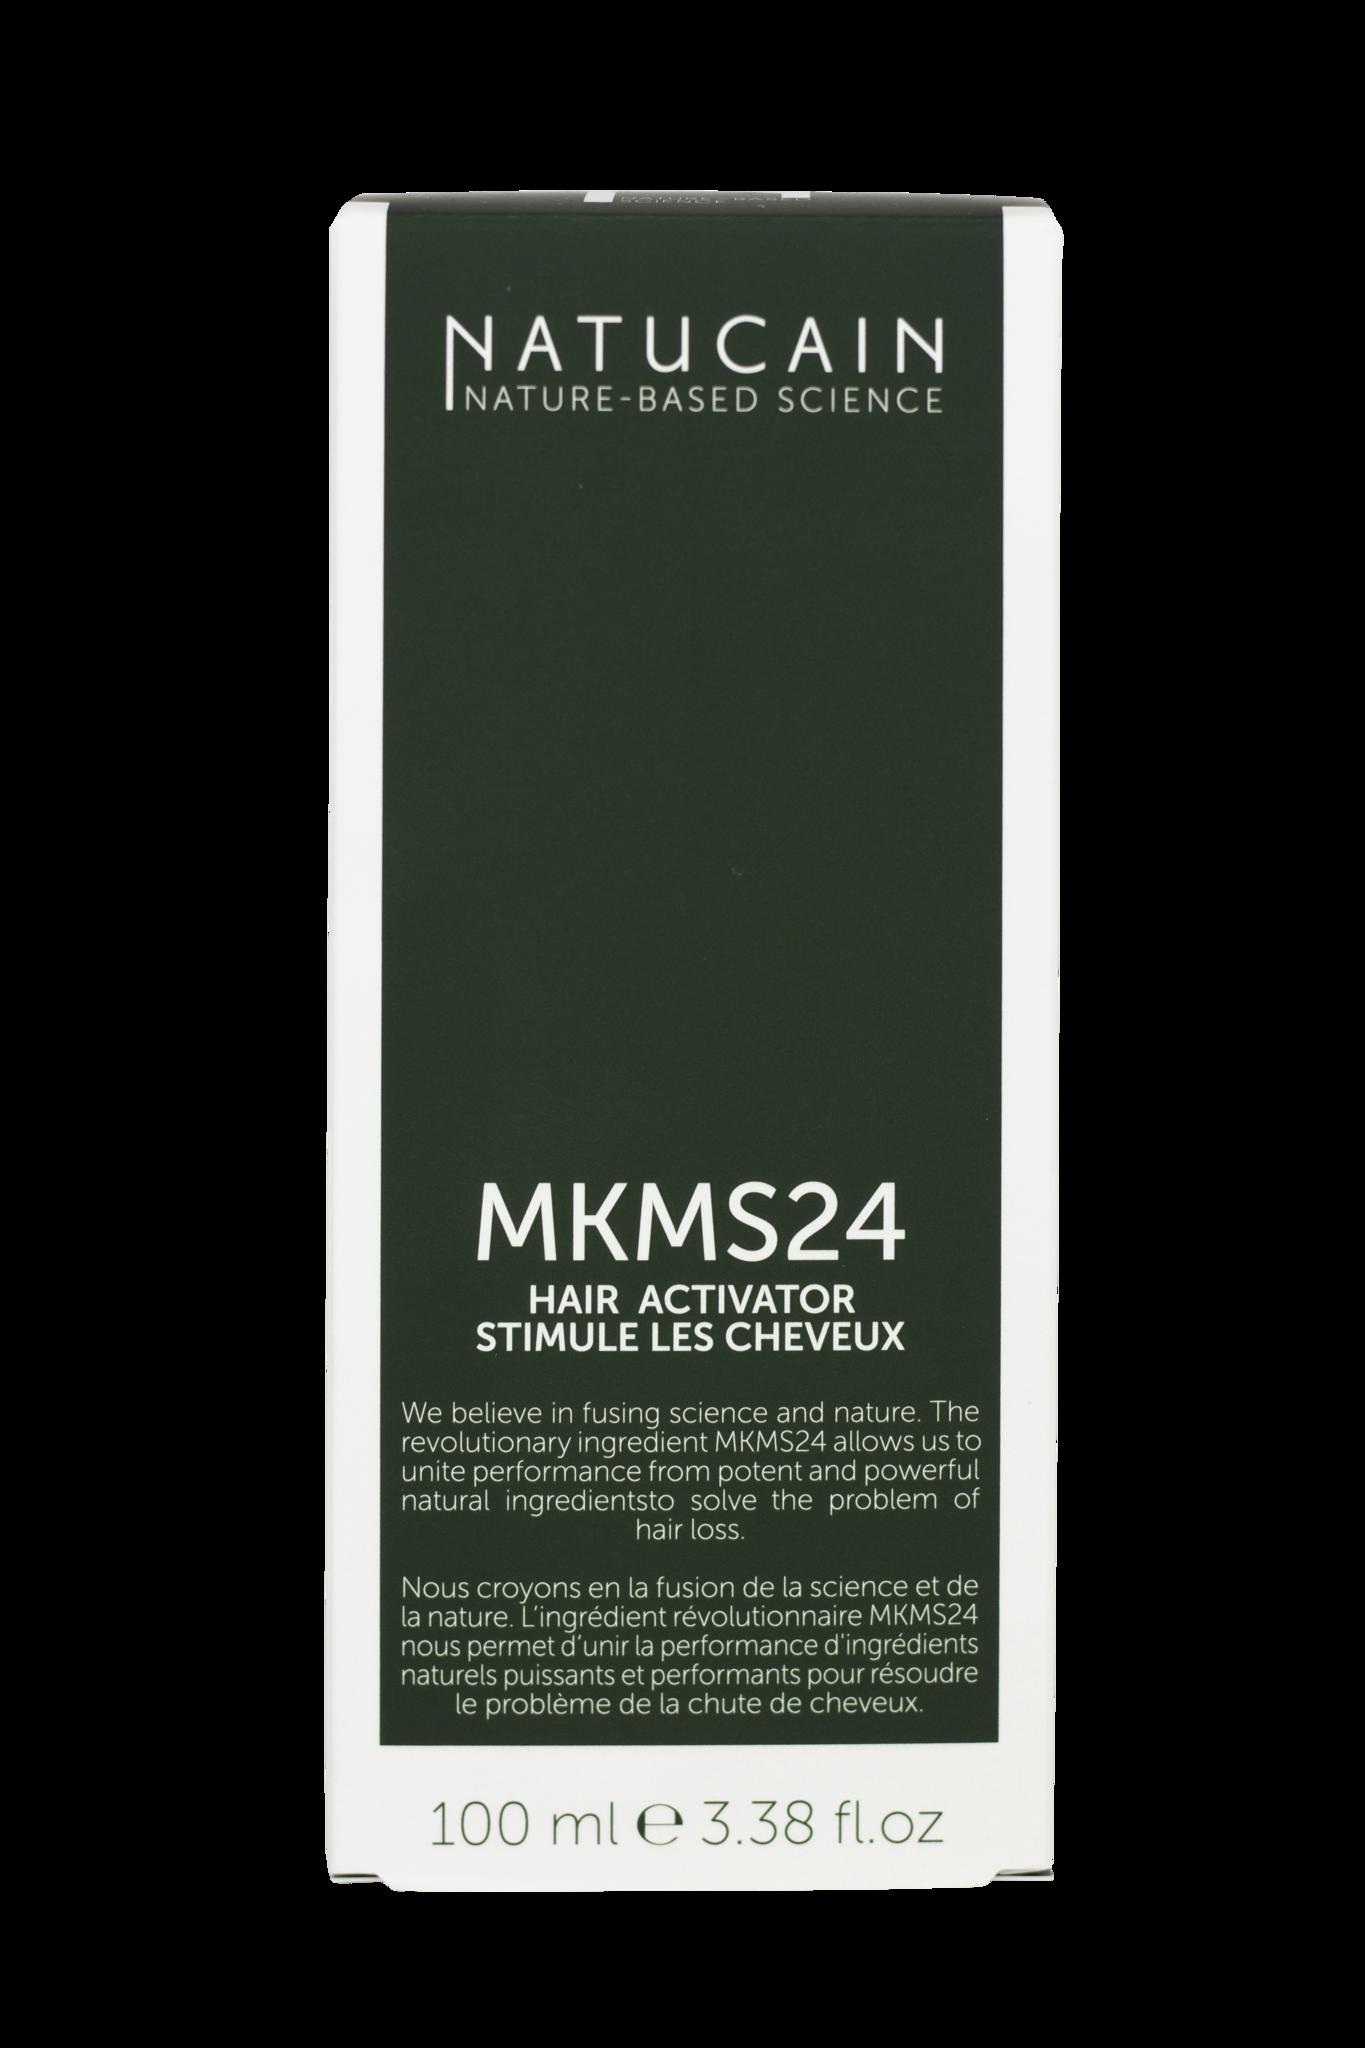 NATUCAIN Hair Activator x6